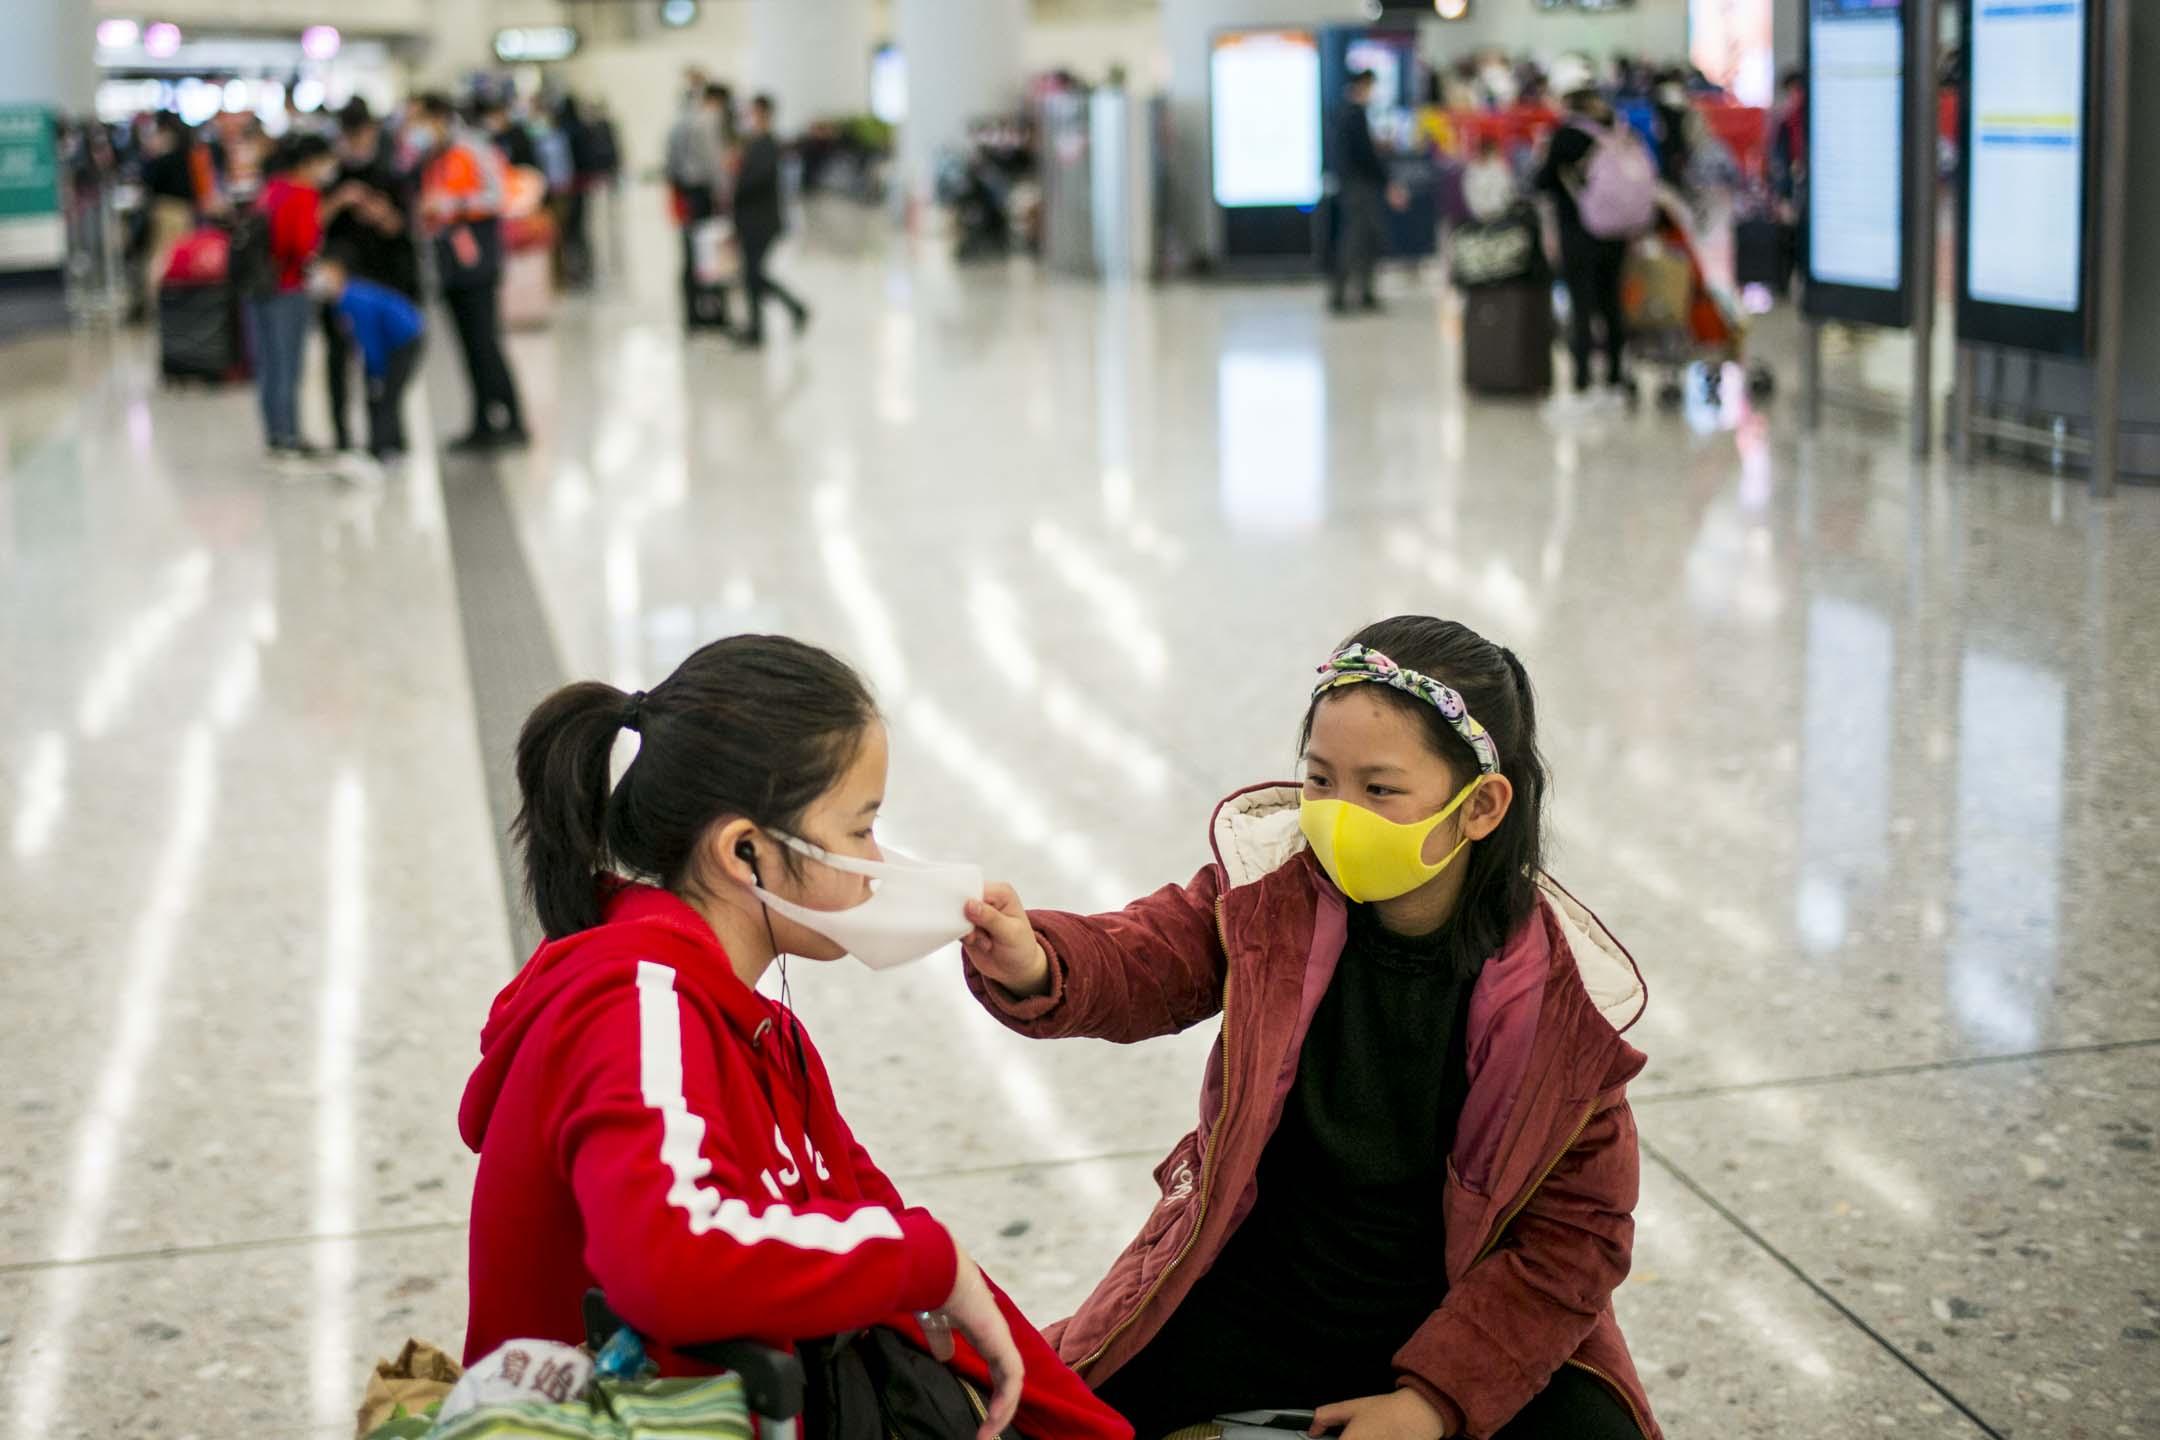 2020年1月22日,因為中國大陸新型冠狀病毒感染的肺炎開始有蔓延趨勢,香港高鐵西九龍站的不少旅客也已戴上口罩。 攝:林振東/端傳媒